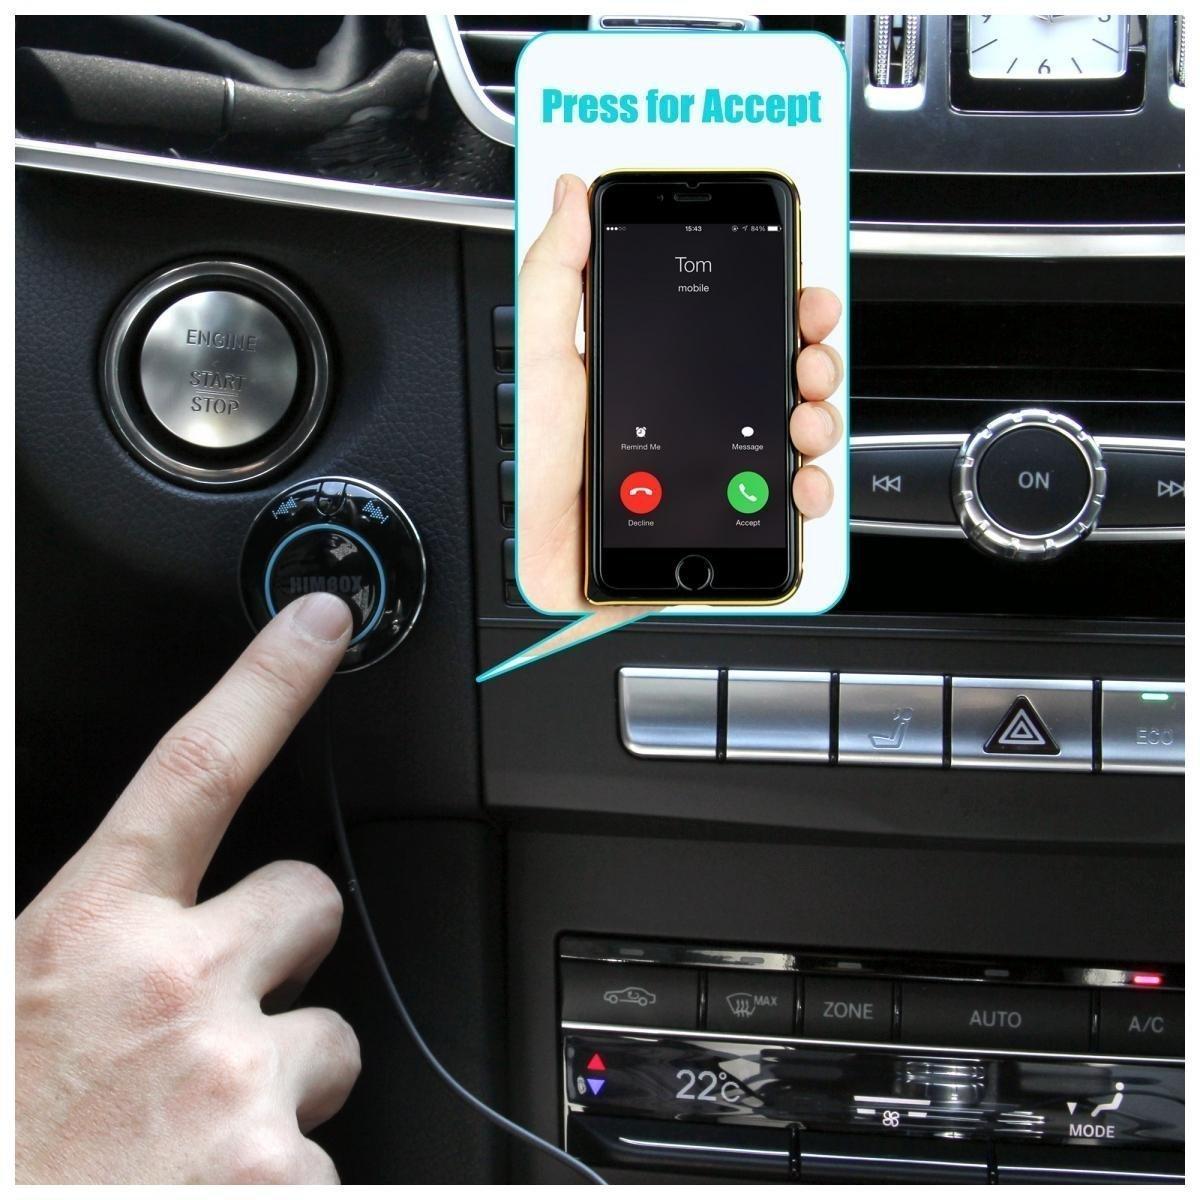 [Support apt-X] Freisprecheinrichtung iClever Himbox HB01 Plus Bluetooth 4.0, Freisprecheinrichtung fü r Autos mit 3,5 mm Aux-Eingangsbuchse, Mehrfachzugang, komfortable Siri/Voice-Aktivierung, 3-Port-USB-Ladegerä t, schwarz